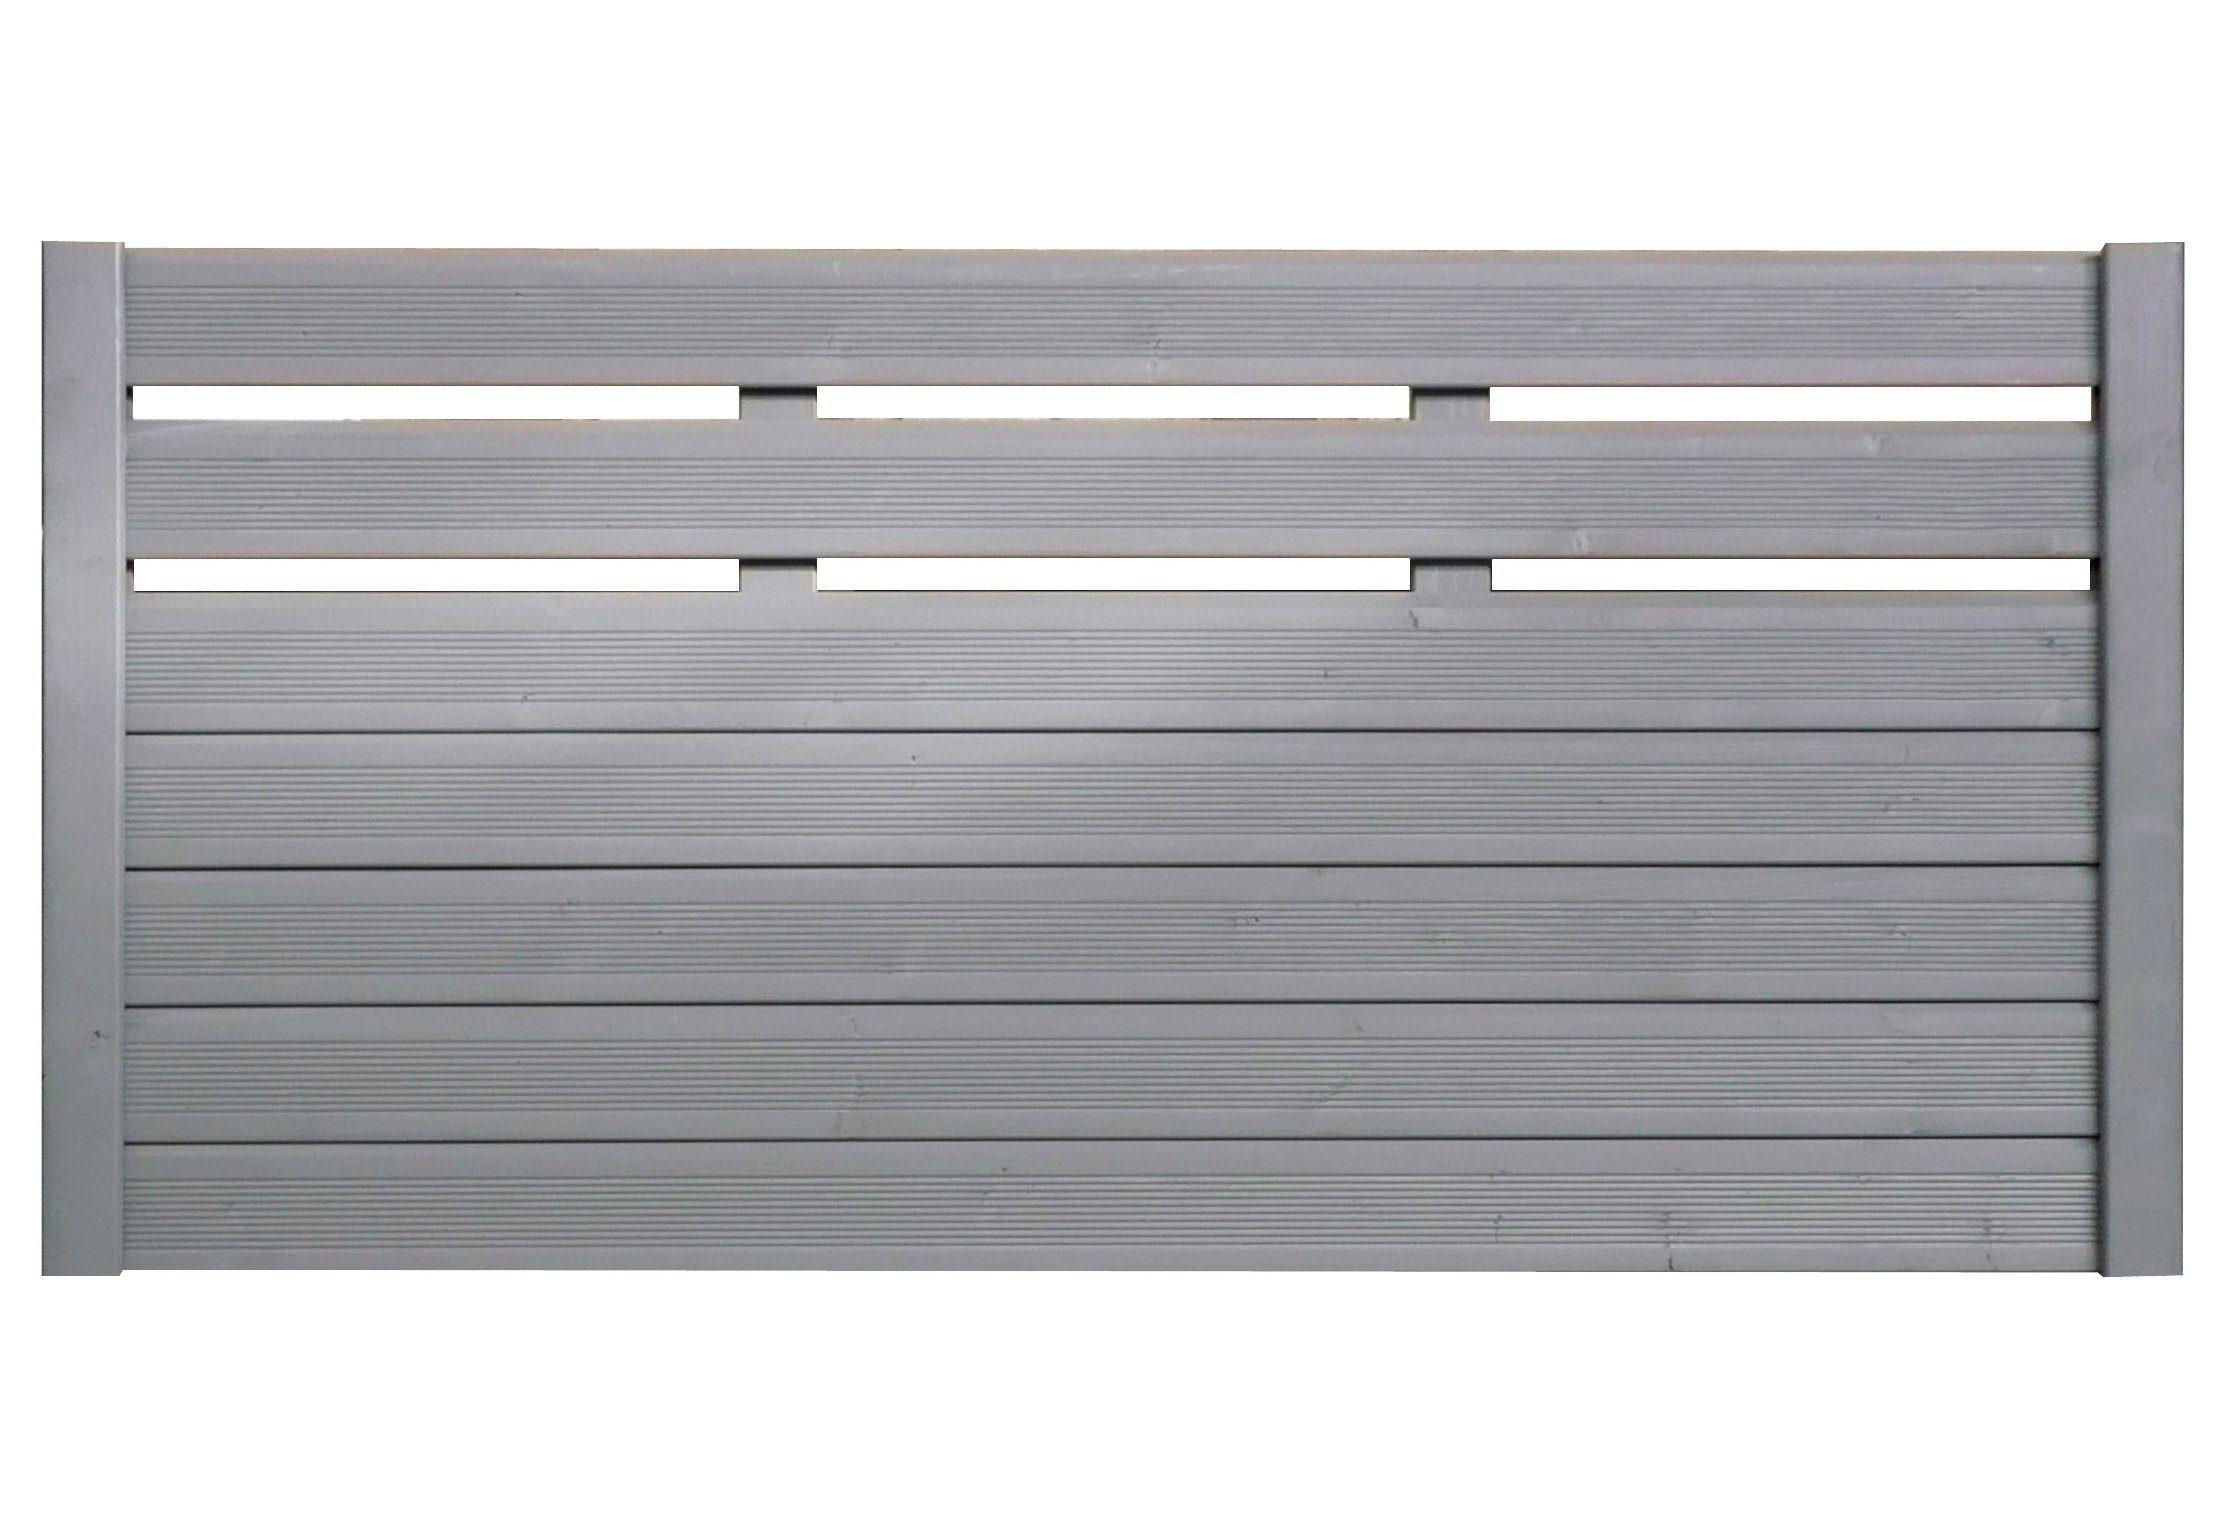 Sichtschutz Zaunelement silbergrau »EA5Y-F1X 4« (Höhe 90 cm)